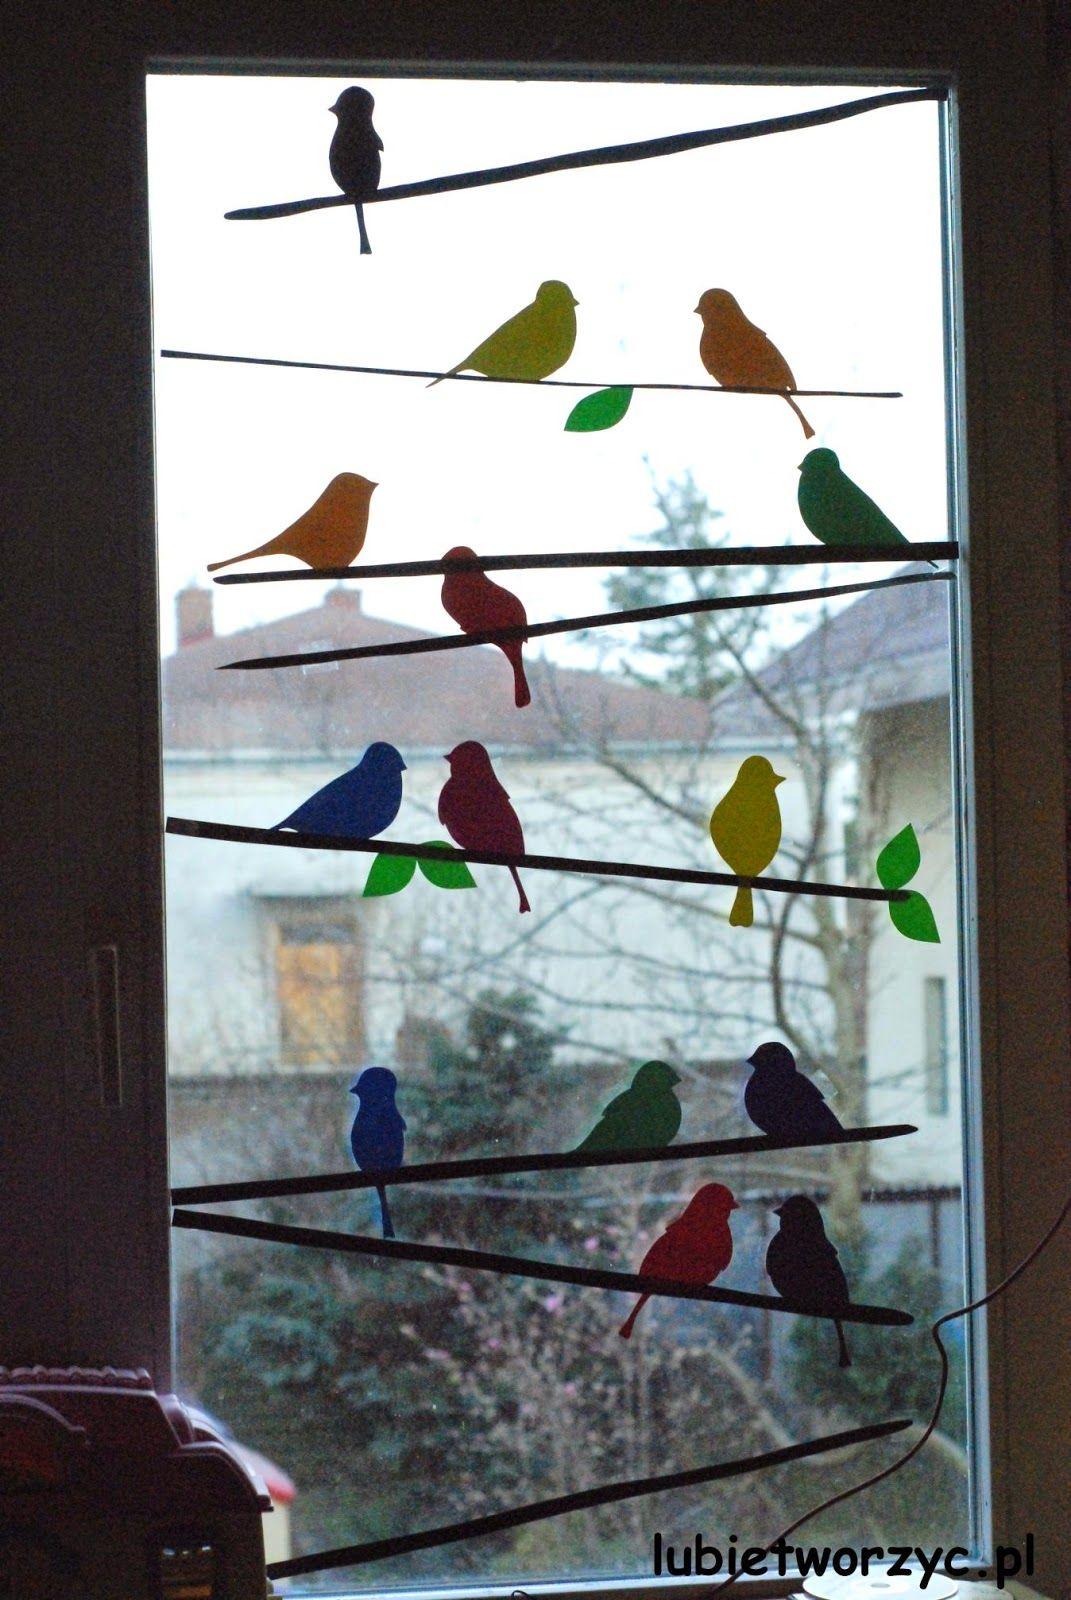 Lubię Tworzyć: Ptaki na gałązce - dekoracja okienna